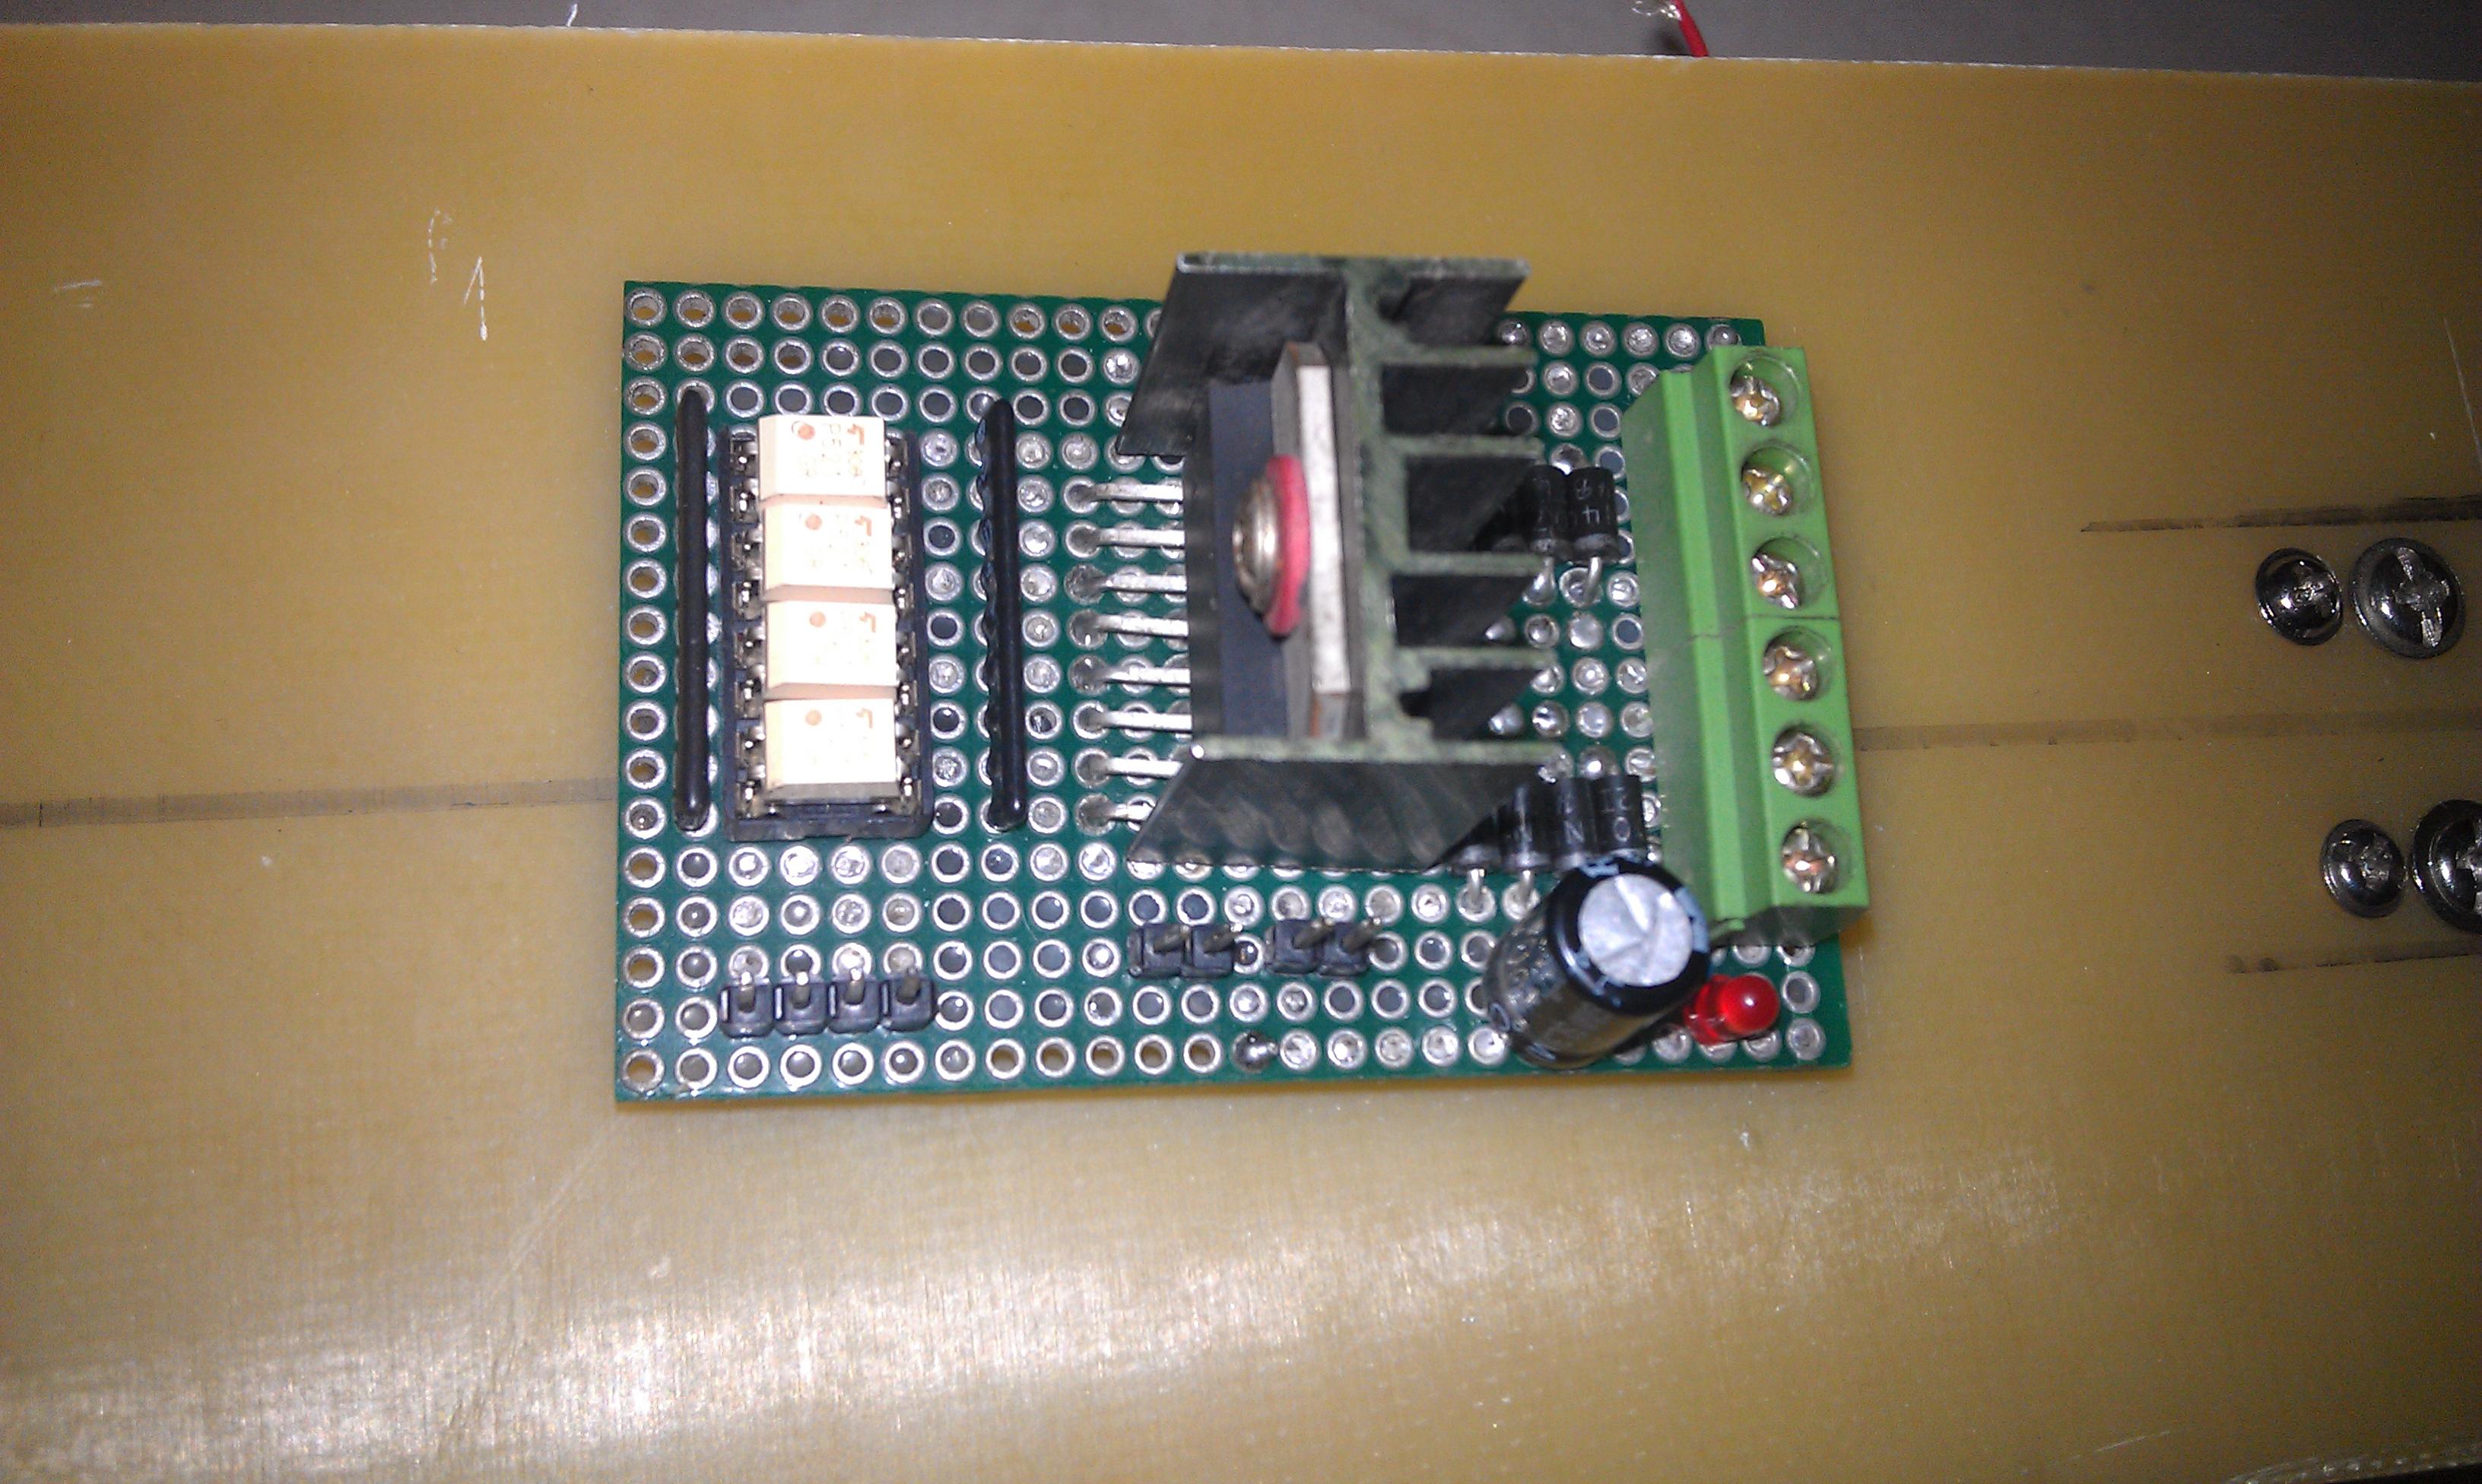 基于stm32 nucleo核心板控制自平衡小车系统